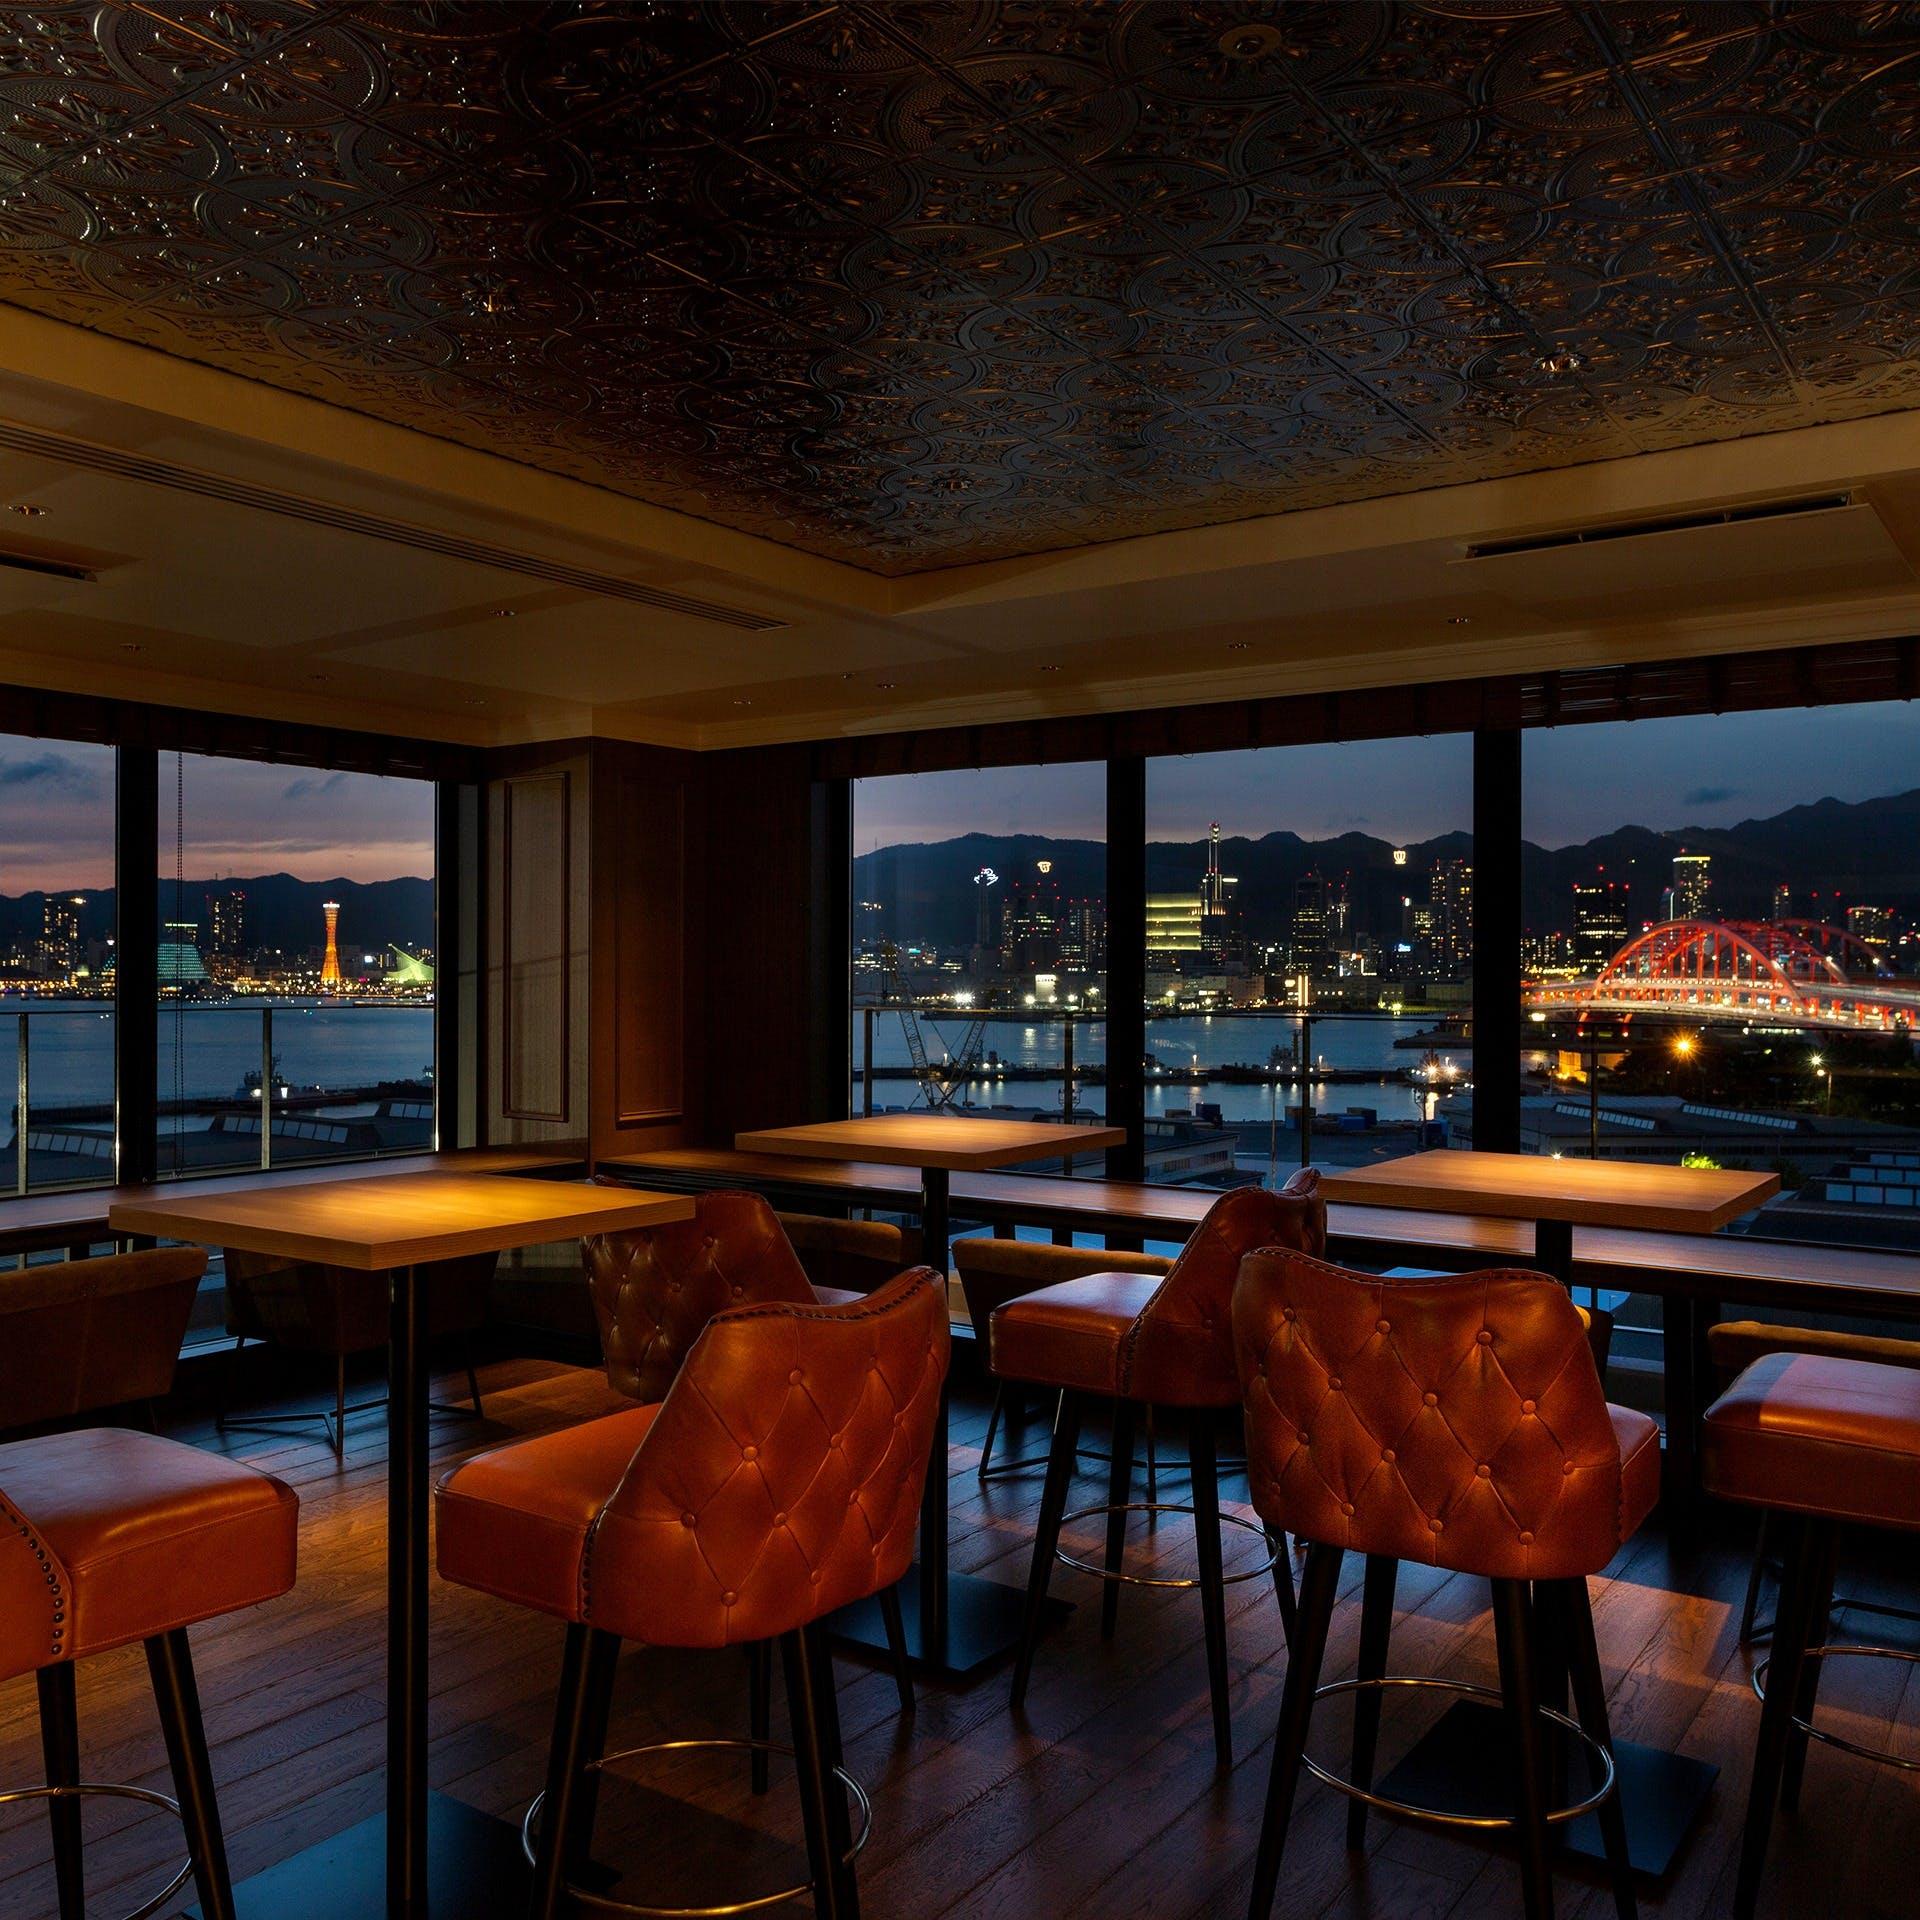 1000万ドルの夜景を楽しむ大人空間